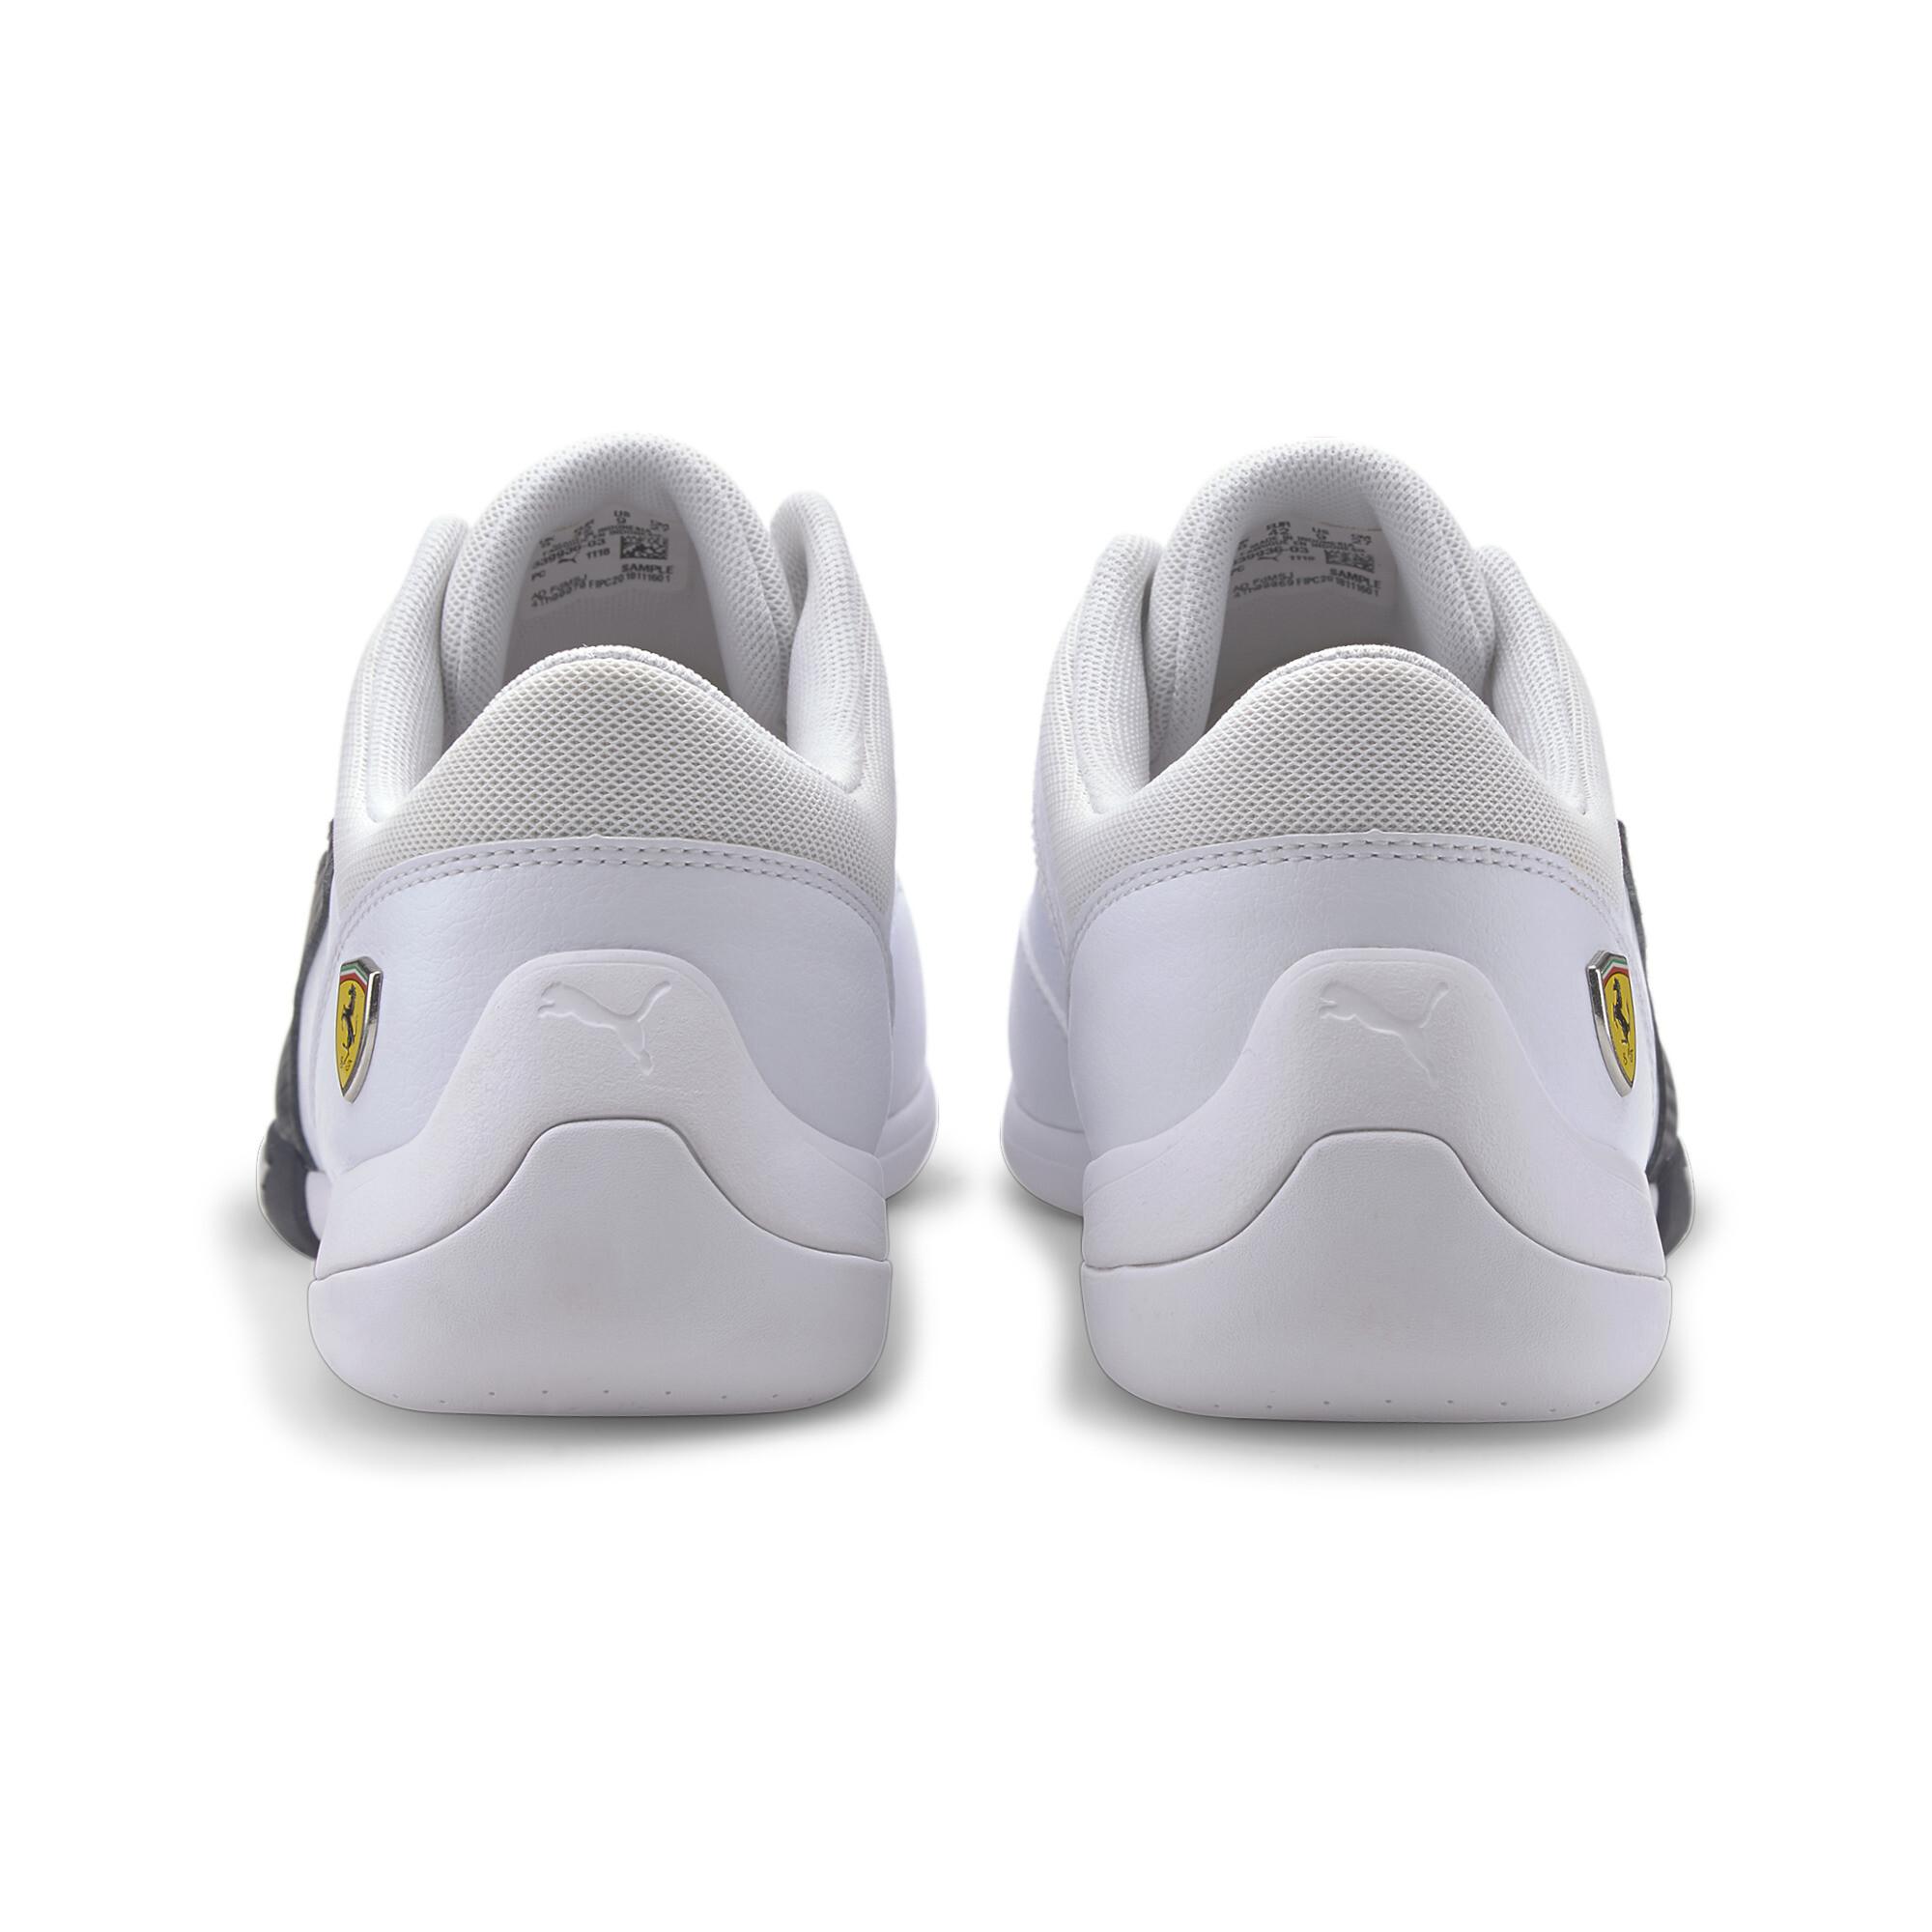 PUMA Scuderia Ferrari Kart Cat III Men/'s Motorsport Shoes Men Shoe Auto